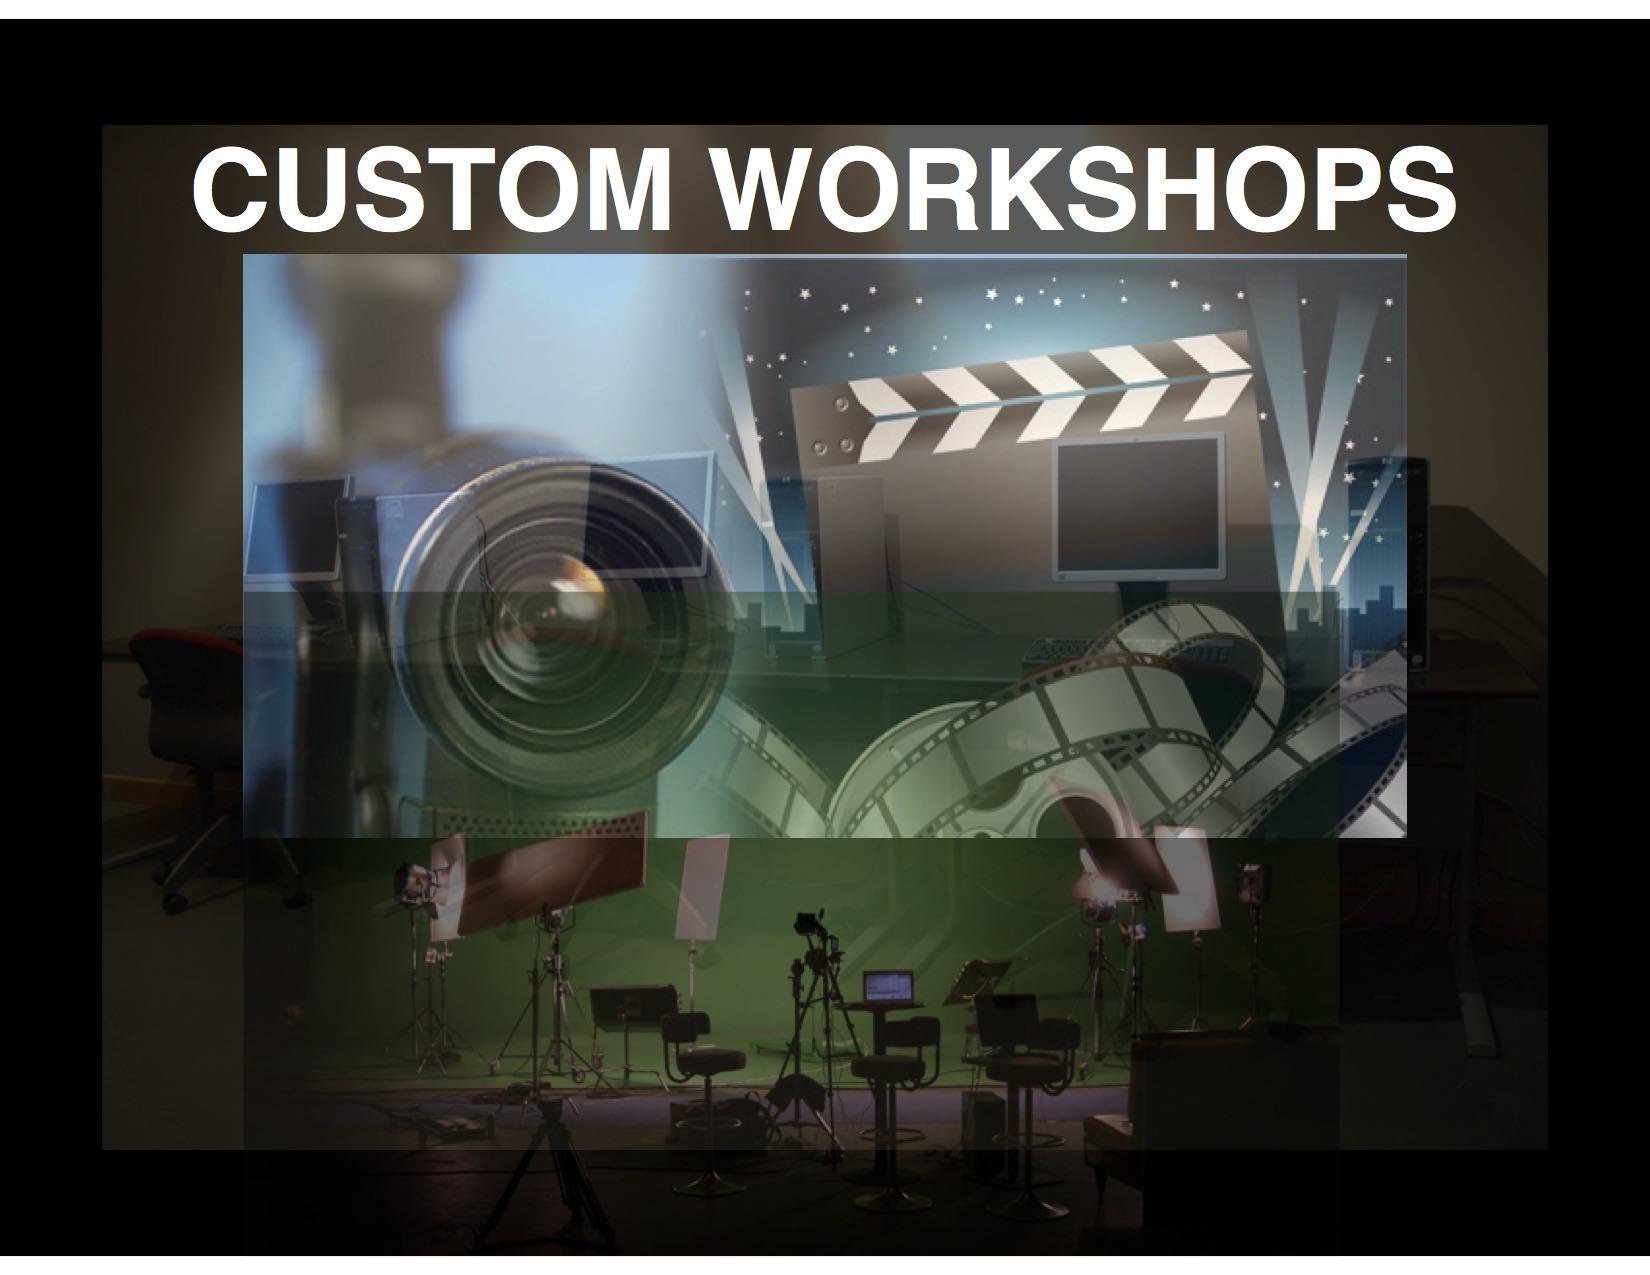 CustomWorkshops-Thumbnails.jpg